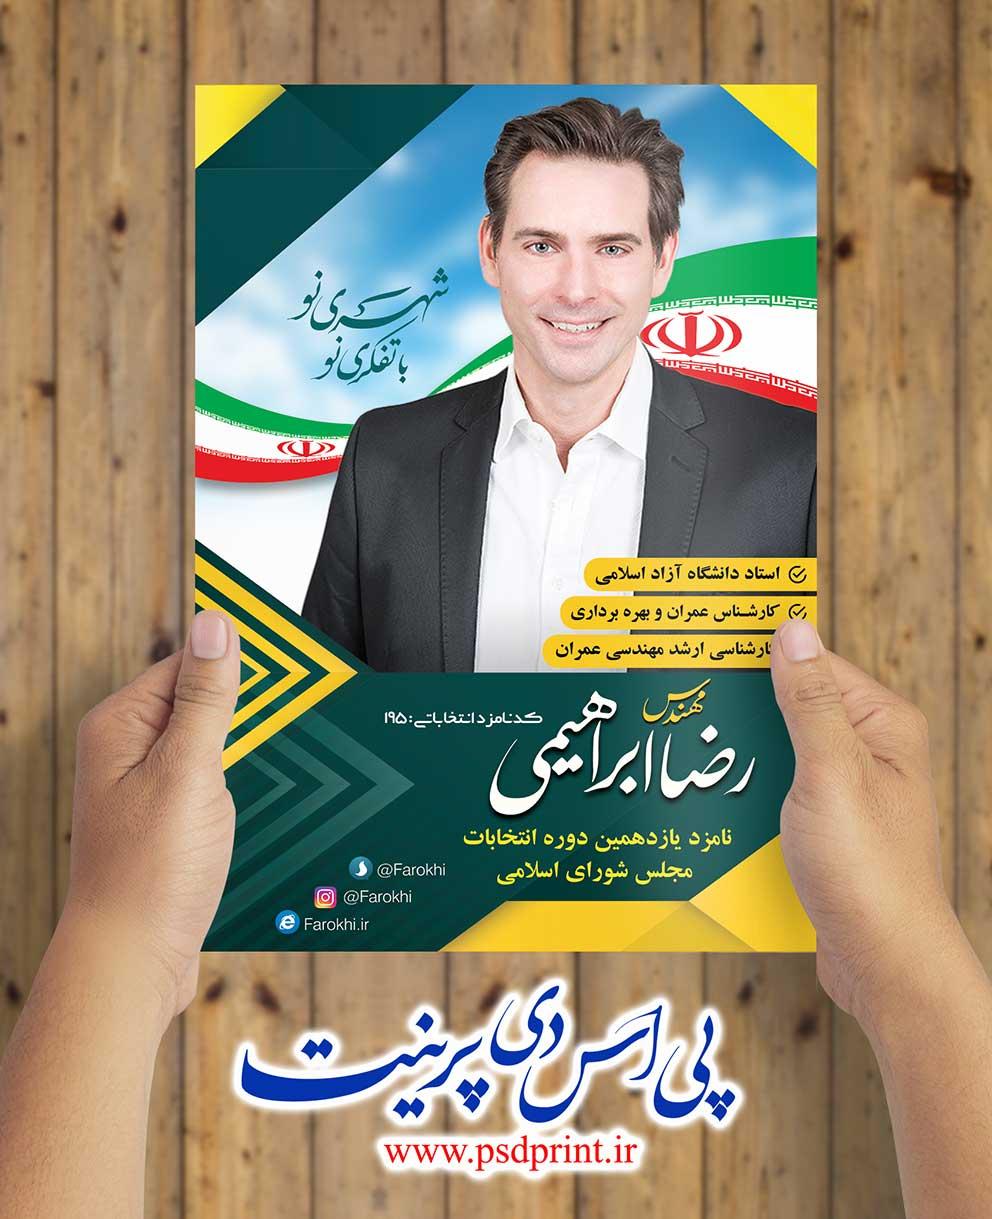 تراکت لایه باز کاندیدای انتخابات مجلس